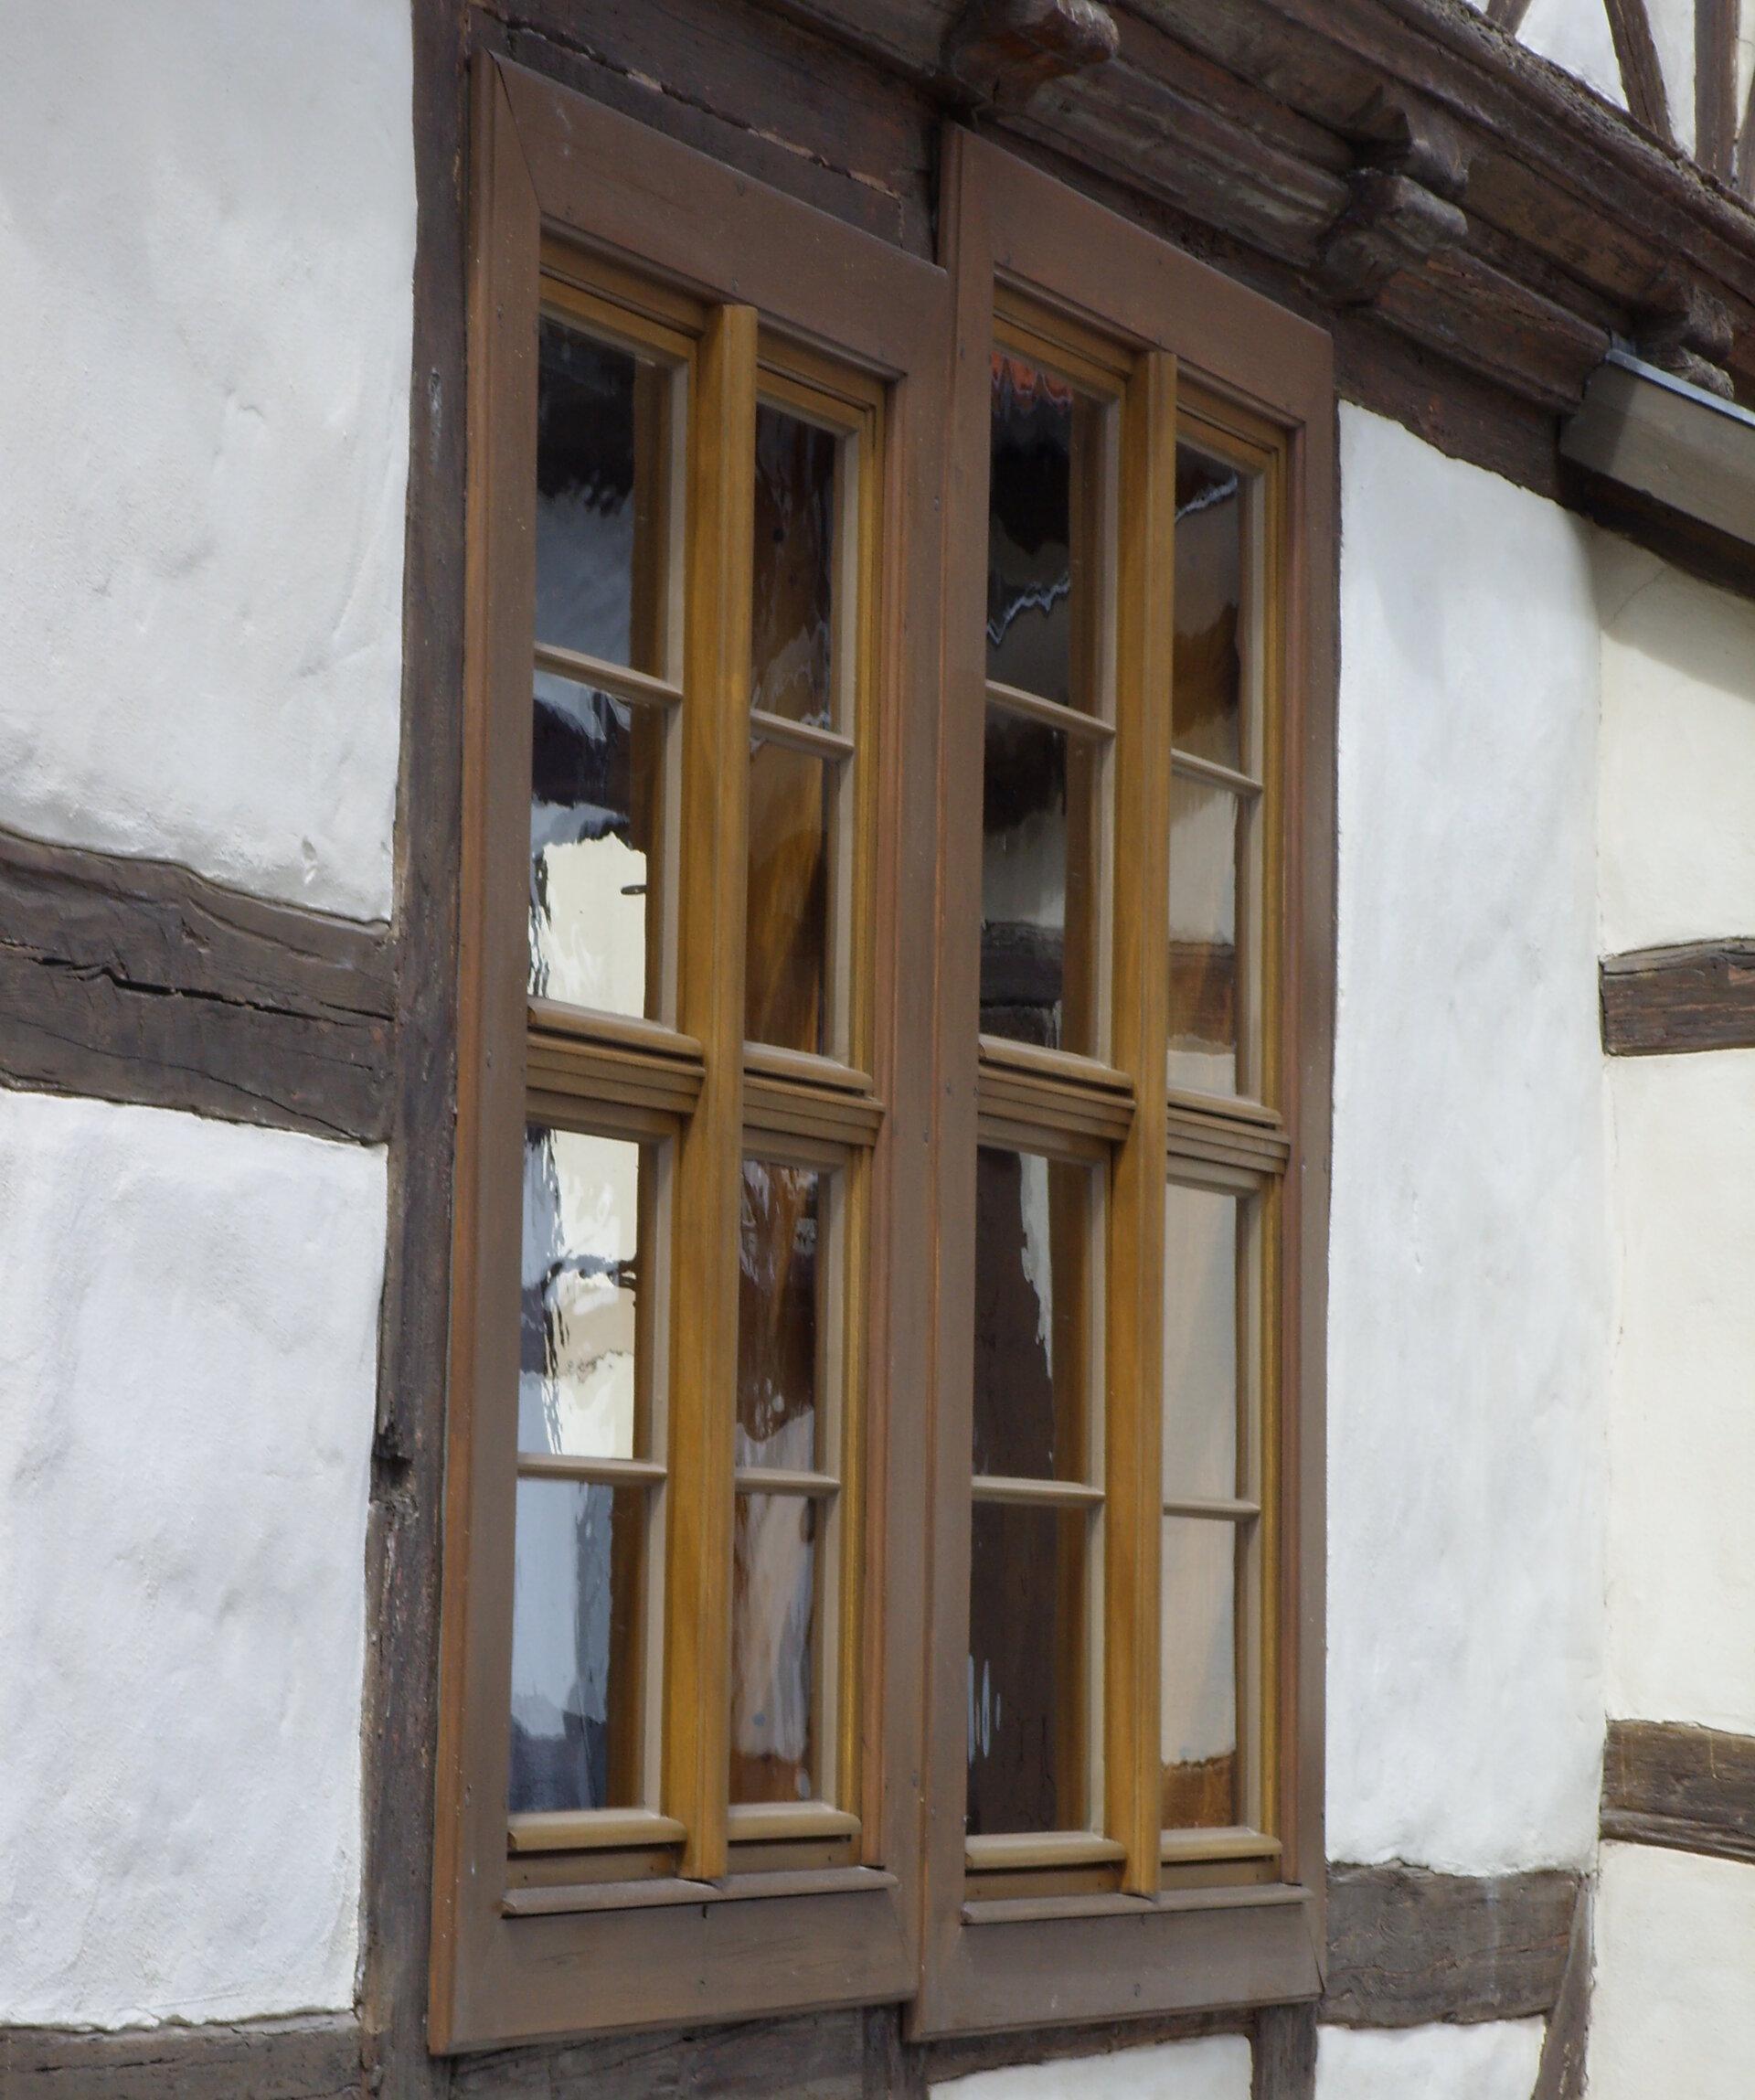 Bördefenster